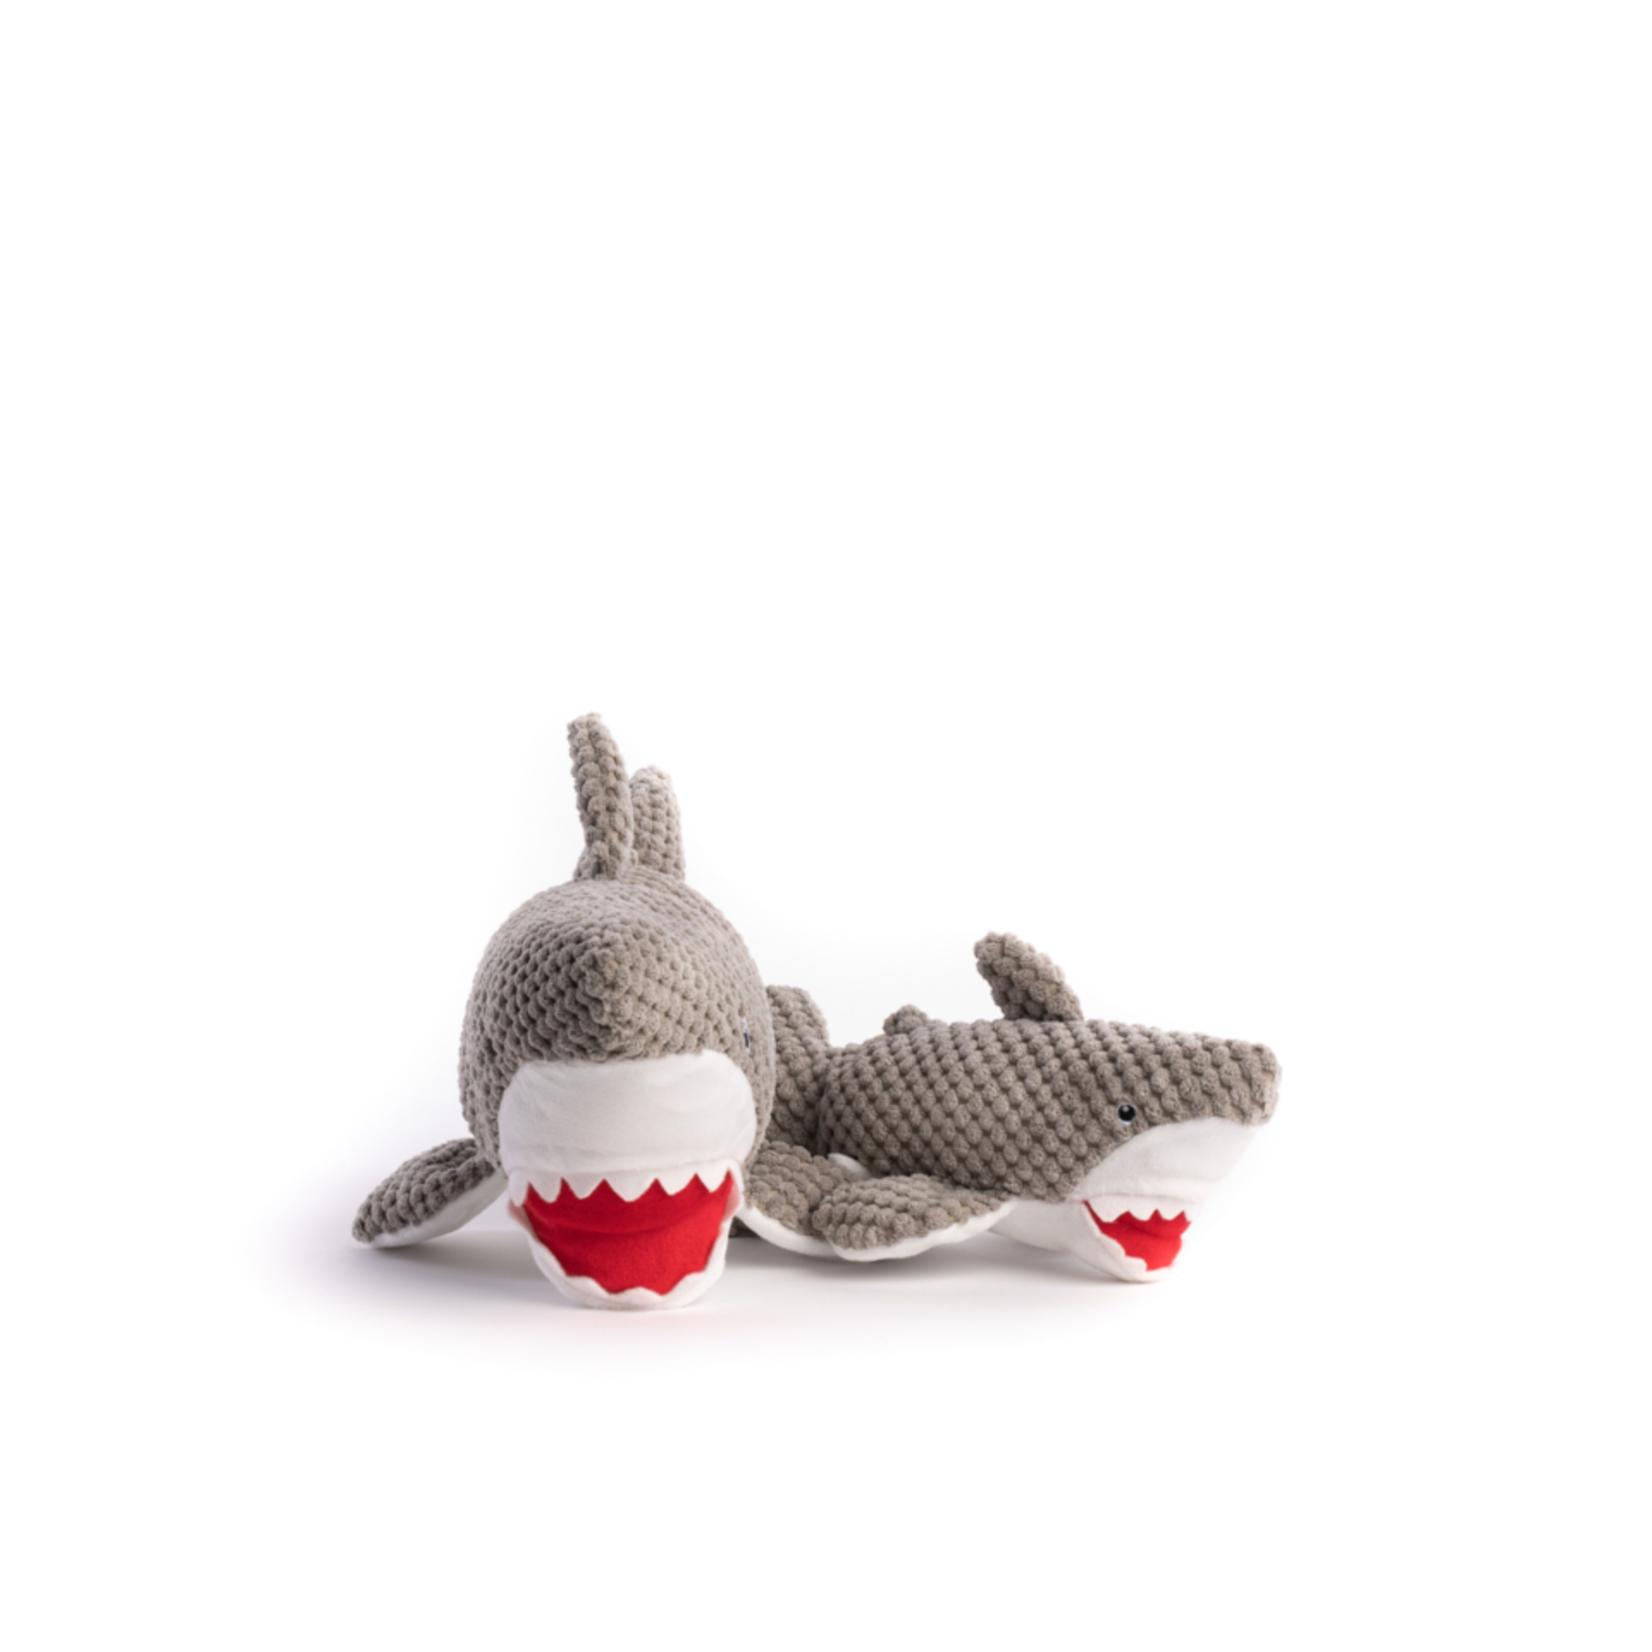 Fabdog Fabdog Floppy Shark Dog Toy Sm